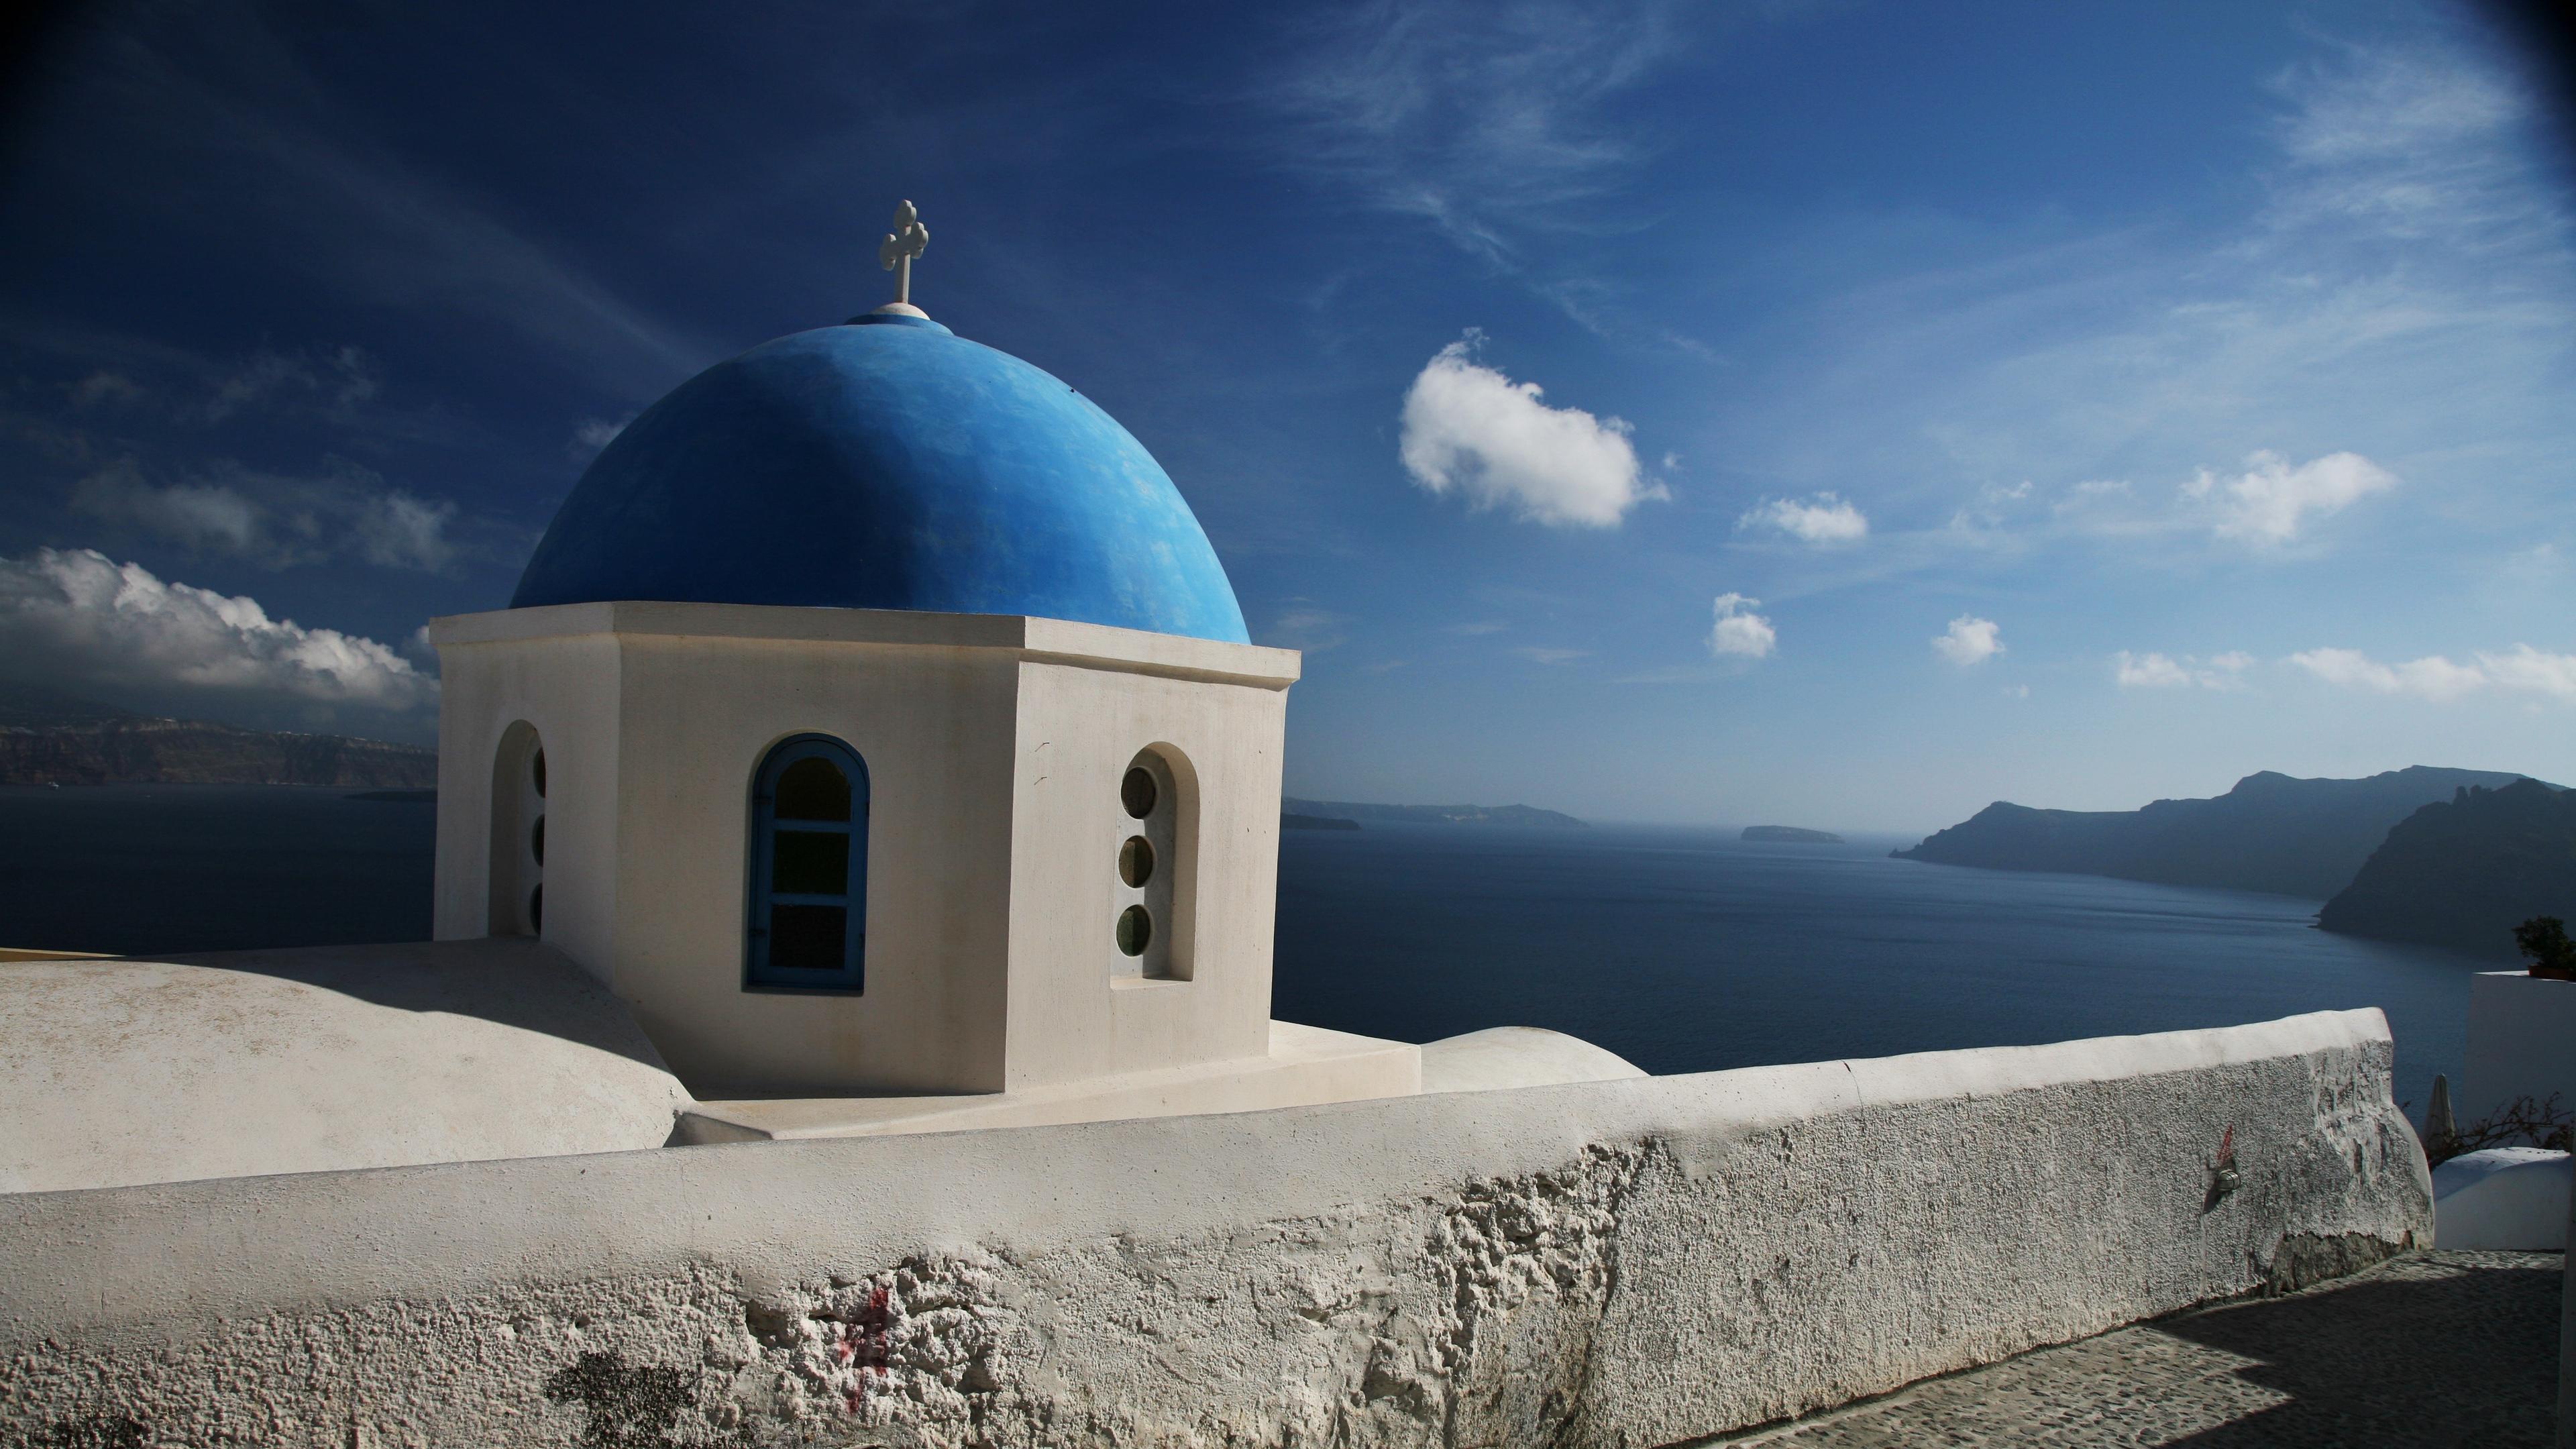 santorini greece clouds dome church sky sea mountains 4k 1538066729 - santorini, greece, clouds, dome, church, sky, sea, mountains 4k - santorini, Greece, Clouds